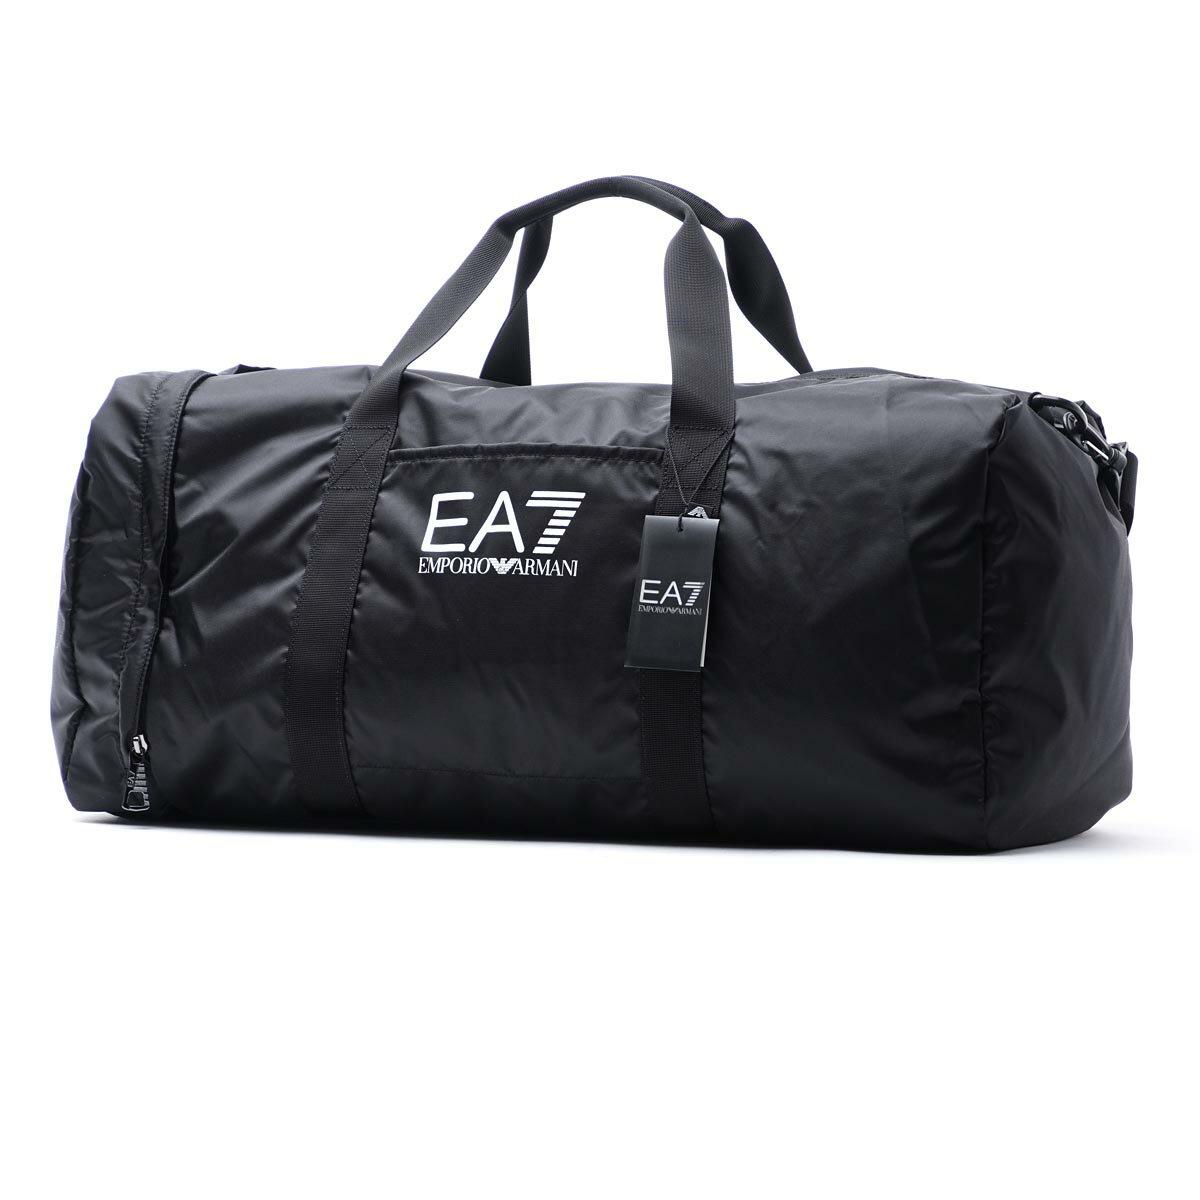 エンポリオアルマーニ EA7 EMPORIO ARMANI ボストンバッグ 2WAY スポーツバッグ ジムバッグ ブラック メンズ 275668 cc733 00020【ラッピング無料】【返品送料無料】【171220】【あす楽対応_関東】